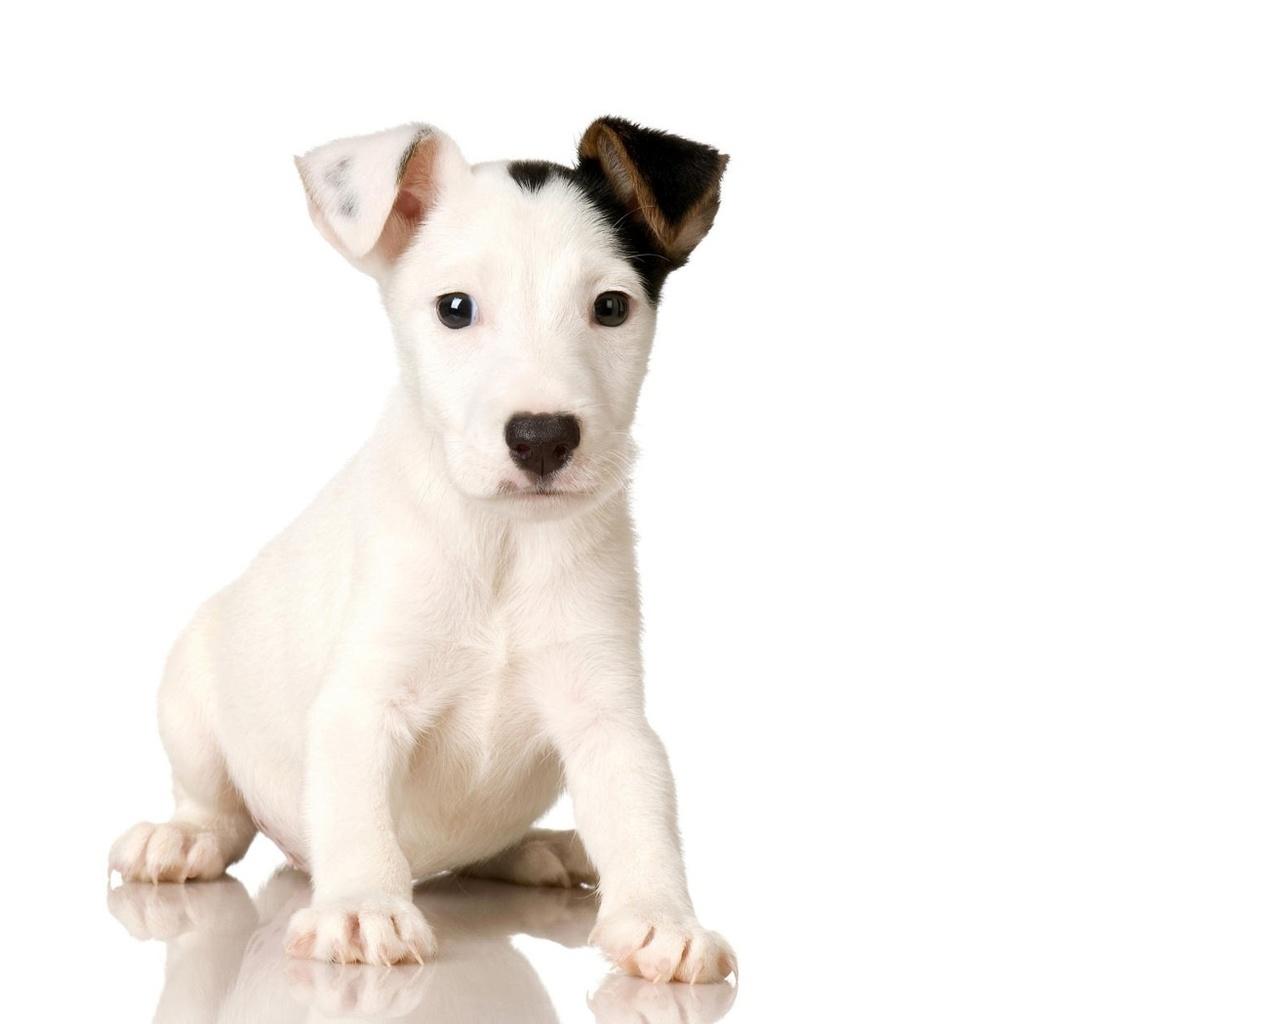 щенок, белый, коричневое ухо